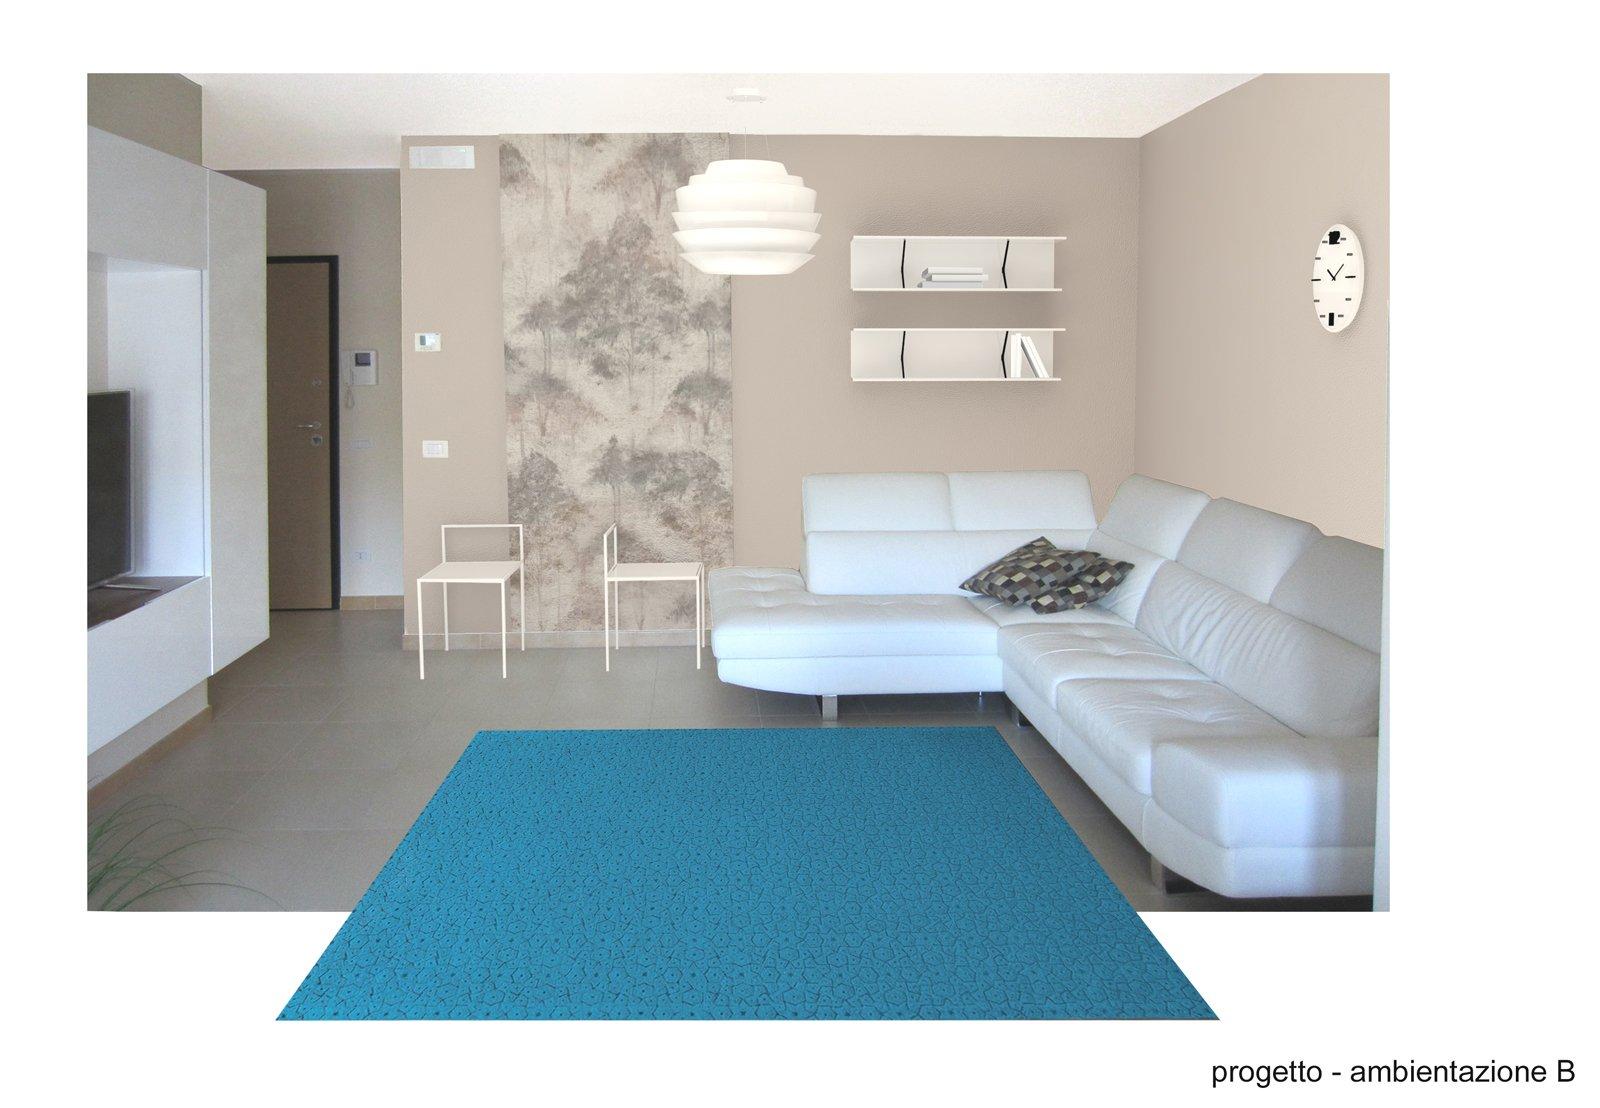 Fabulous clicca sulle immagini per vederle full screen for Colori moderni per interni